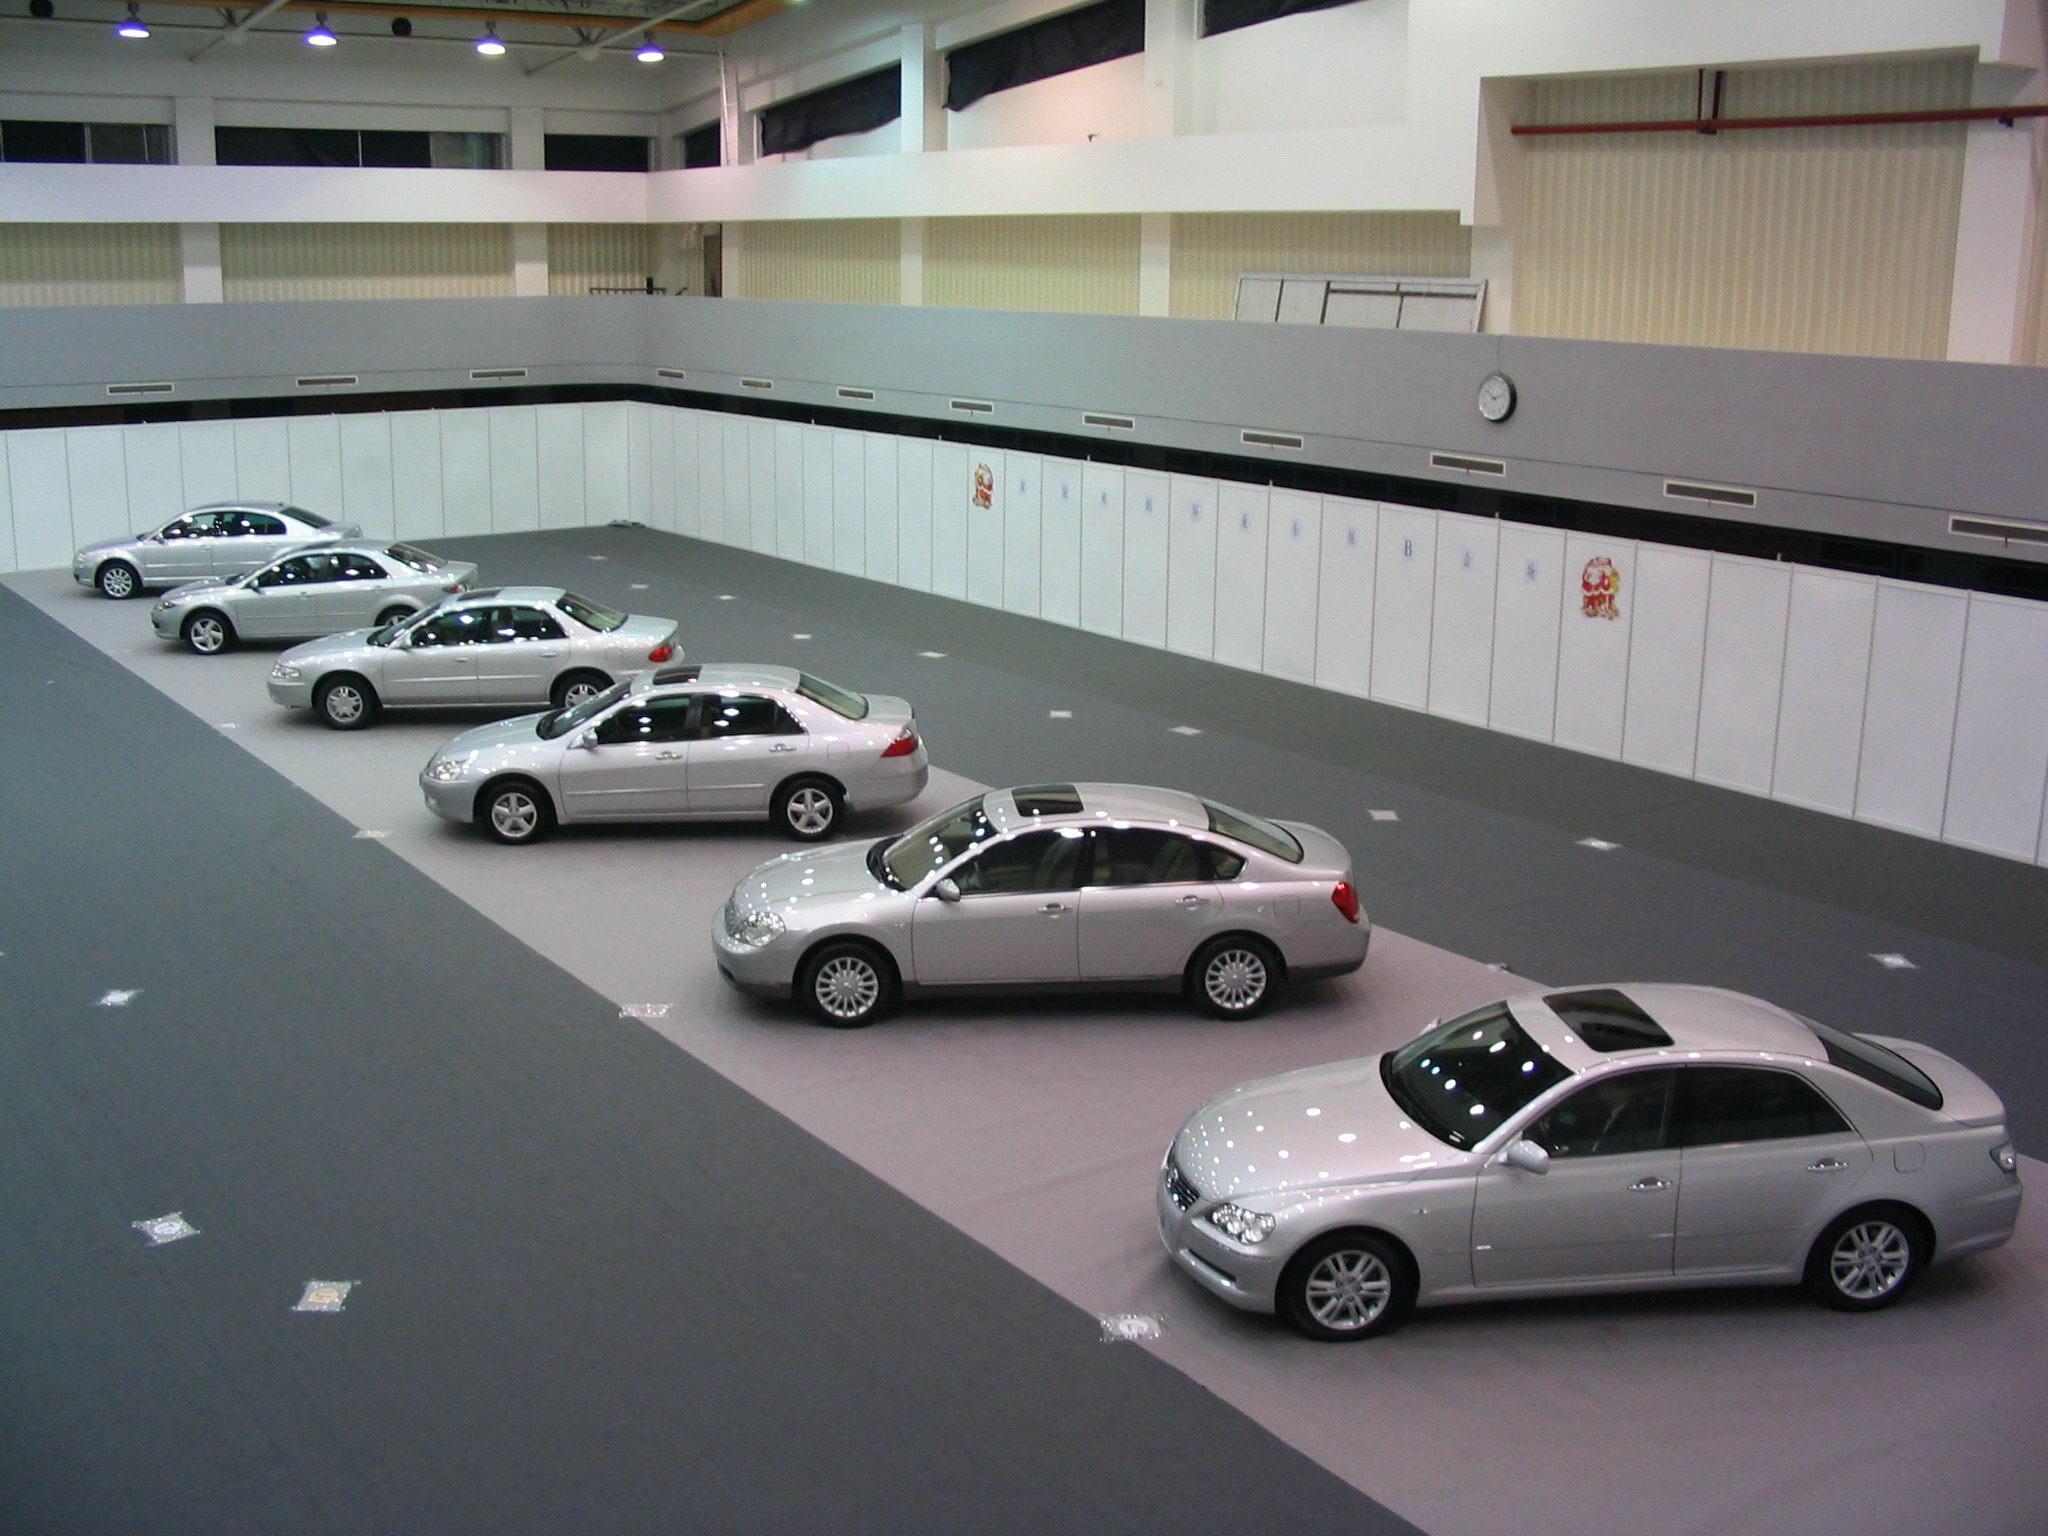 Hard Walls for Car Clinics